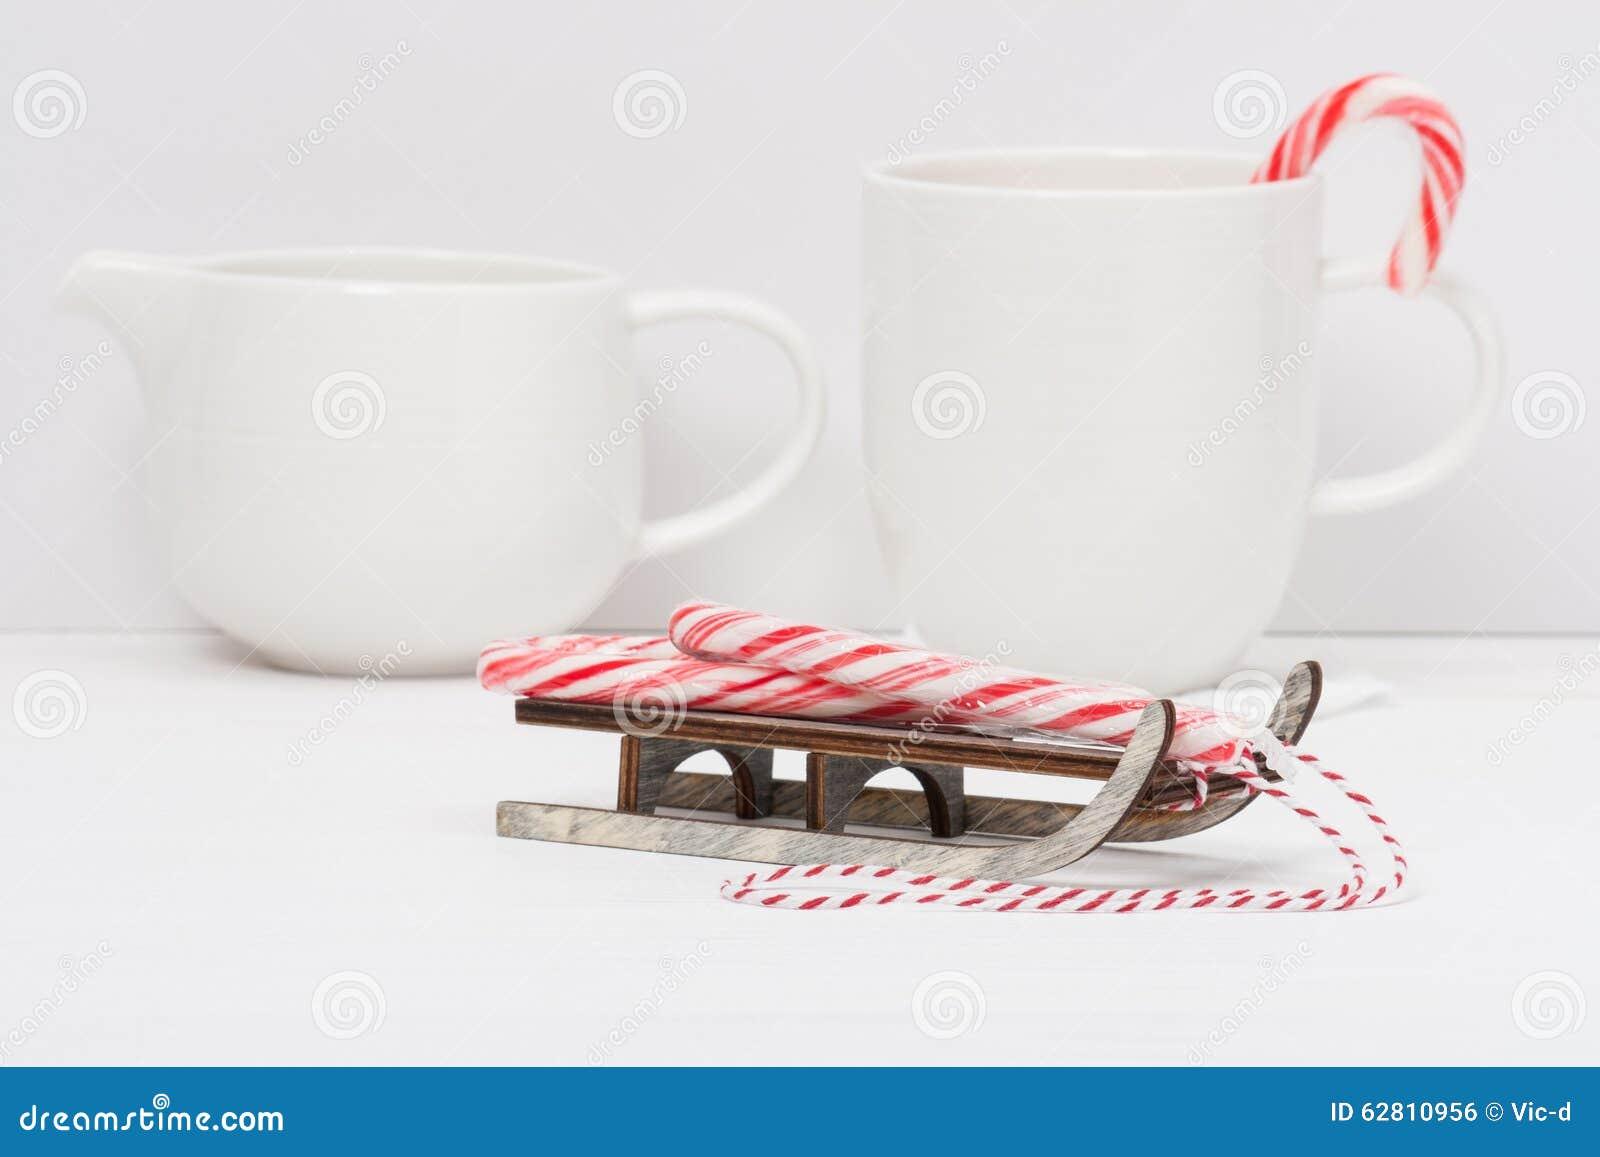 Sucrerie Cane On Wooden Sledge de Noël blanc